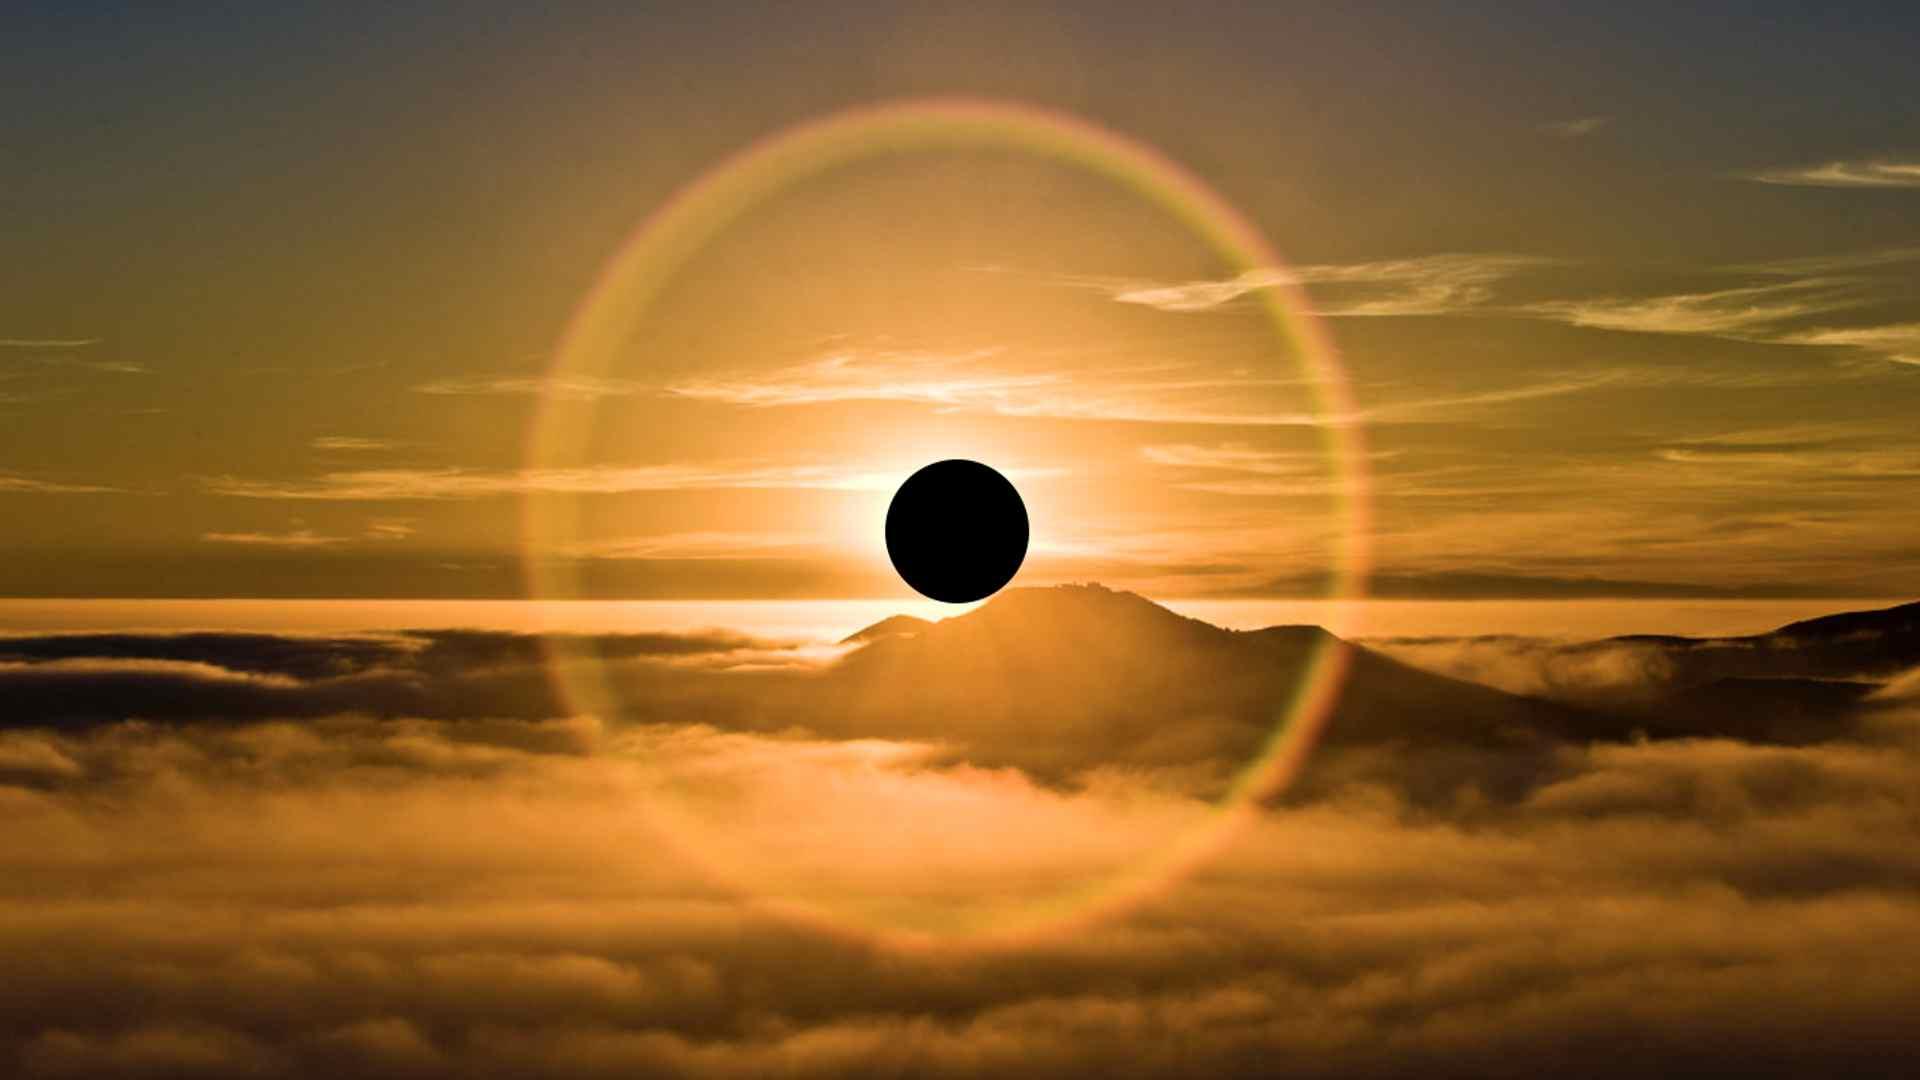 Lunárny Nov v Blížencoch 10. jún 2021 Prstencové zatmenie Slnka AnteAr